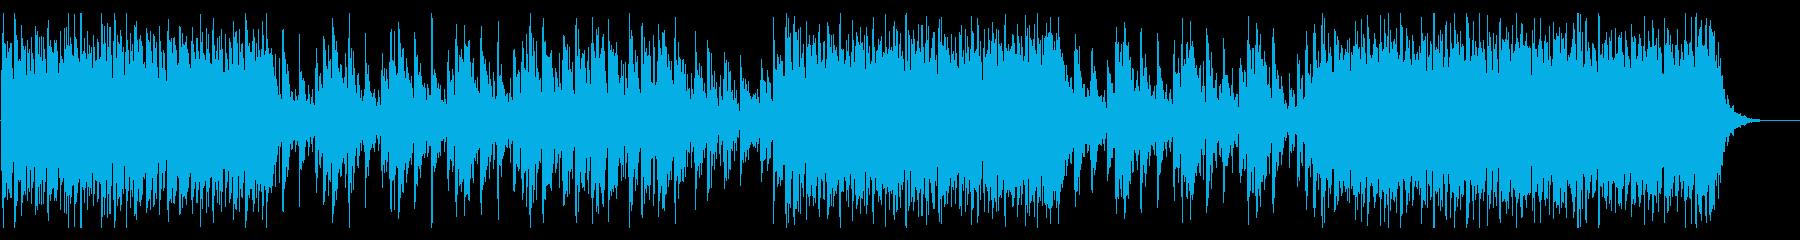 情熱的な和太鼓のアンサンブルの再生済みの波形